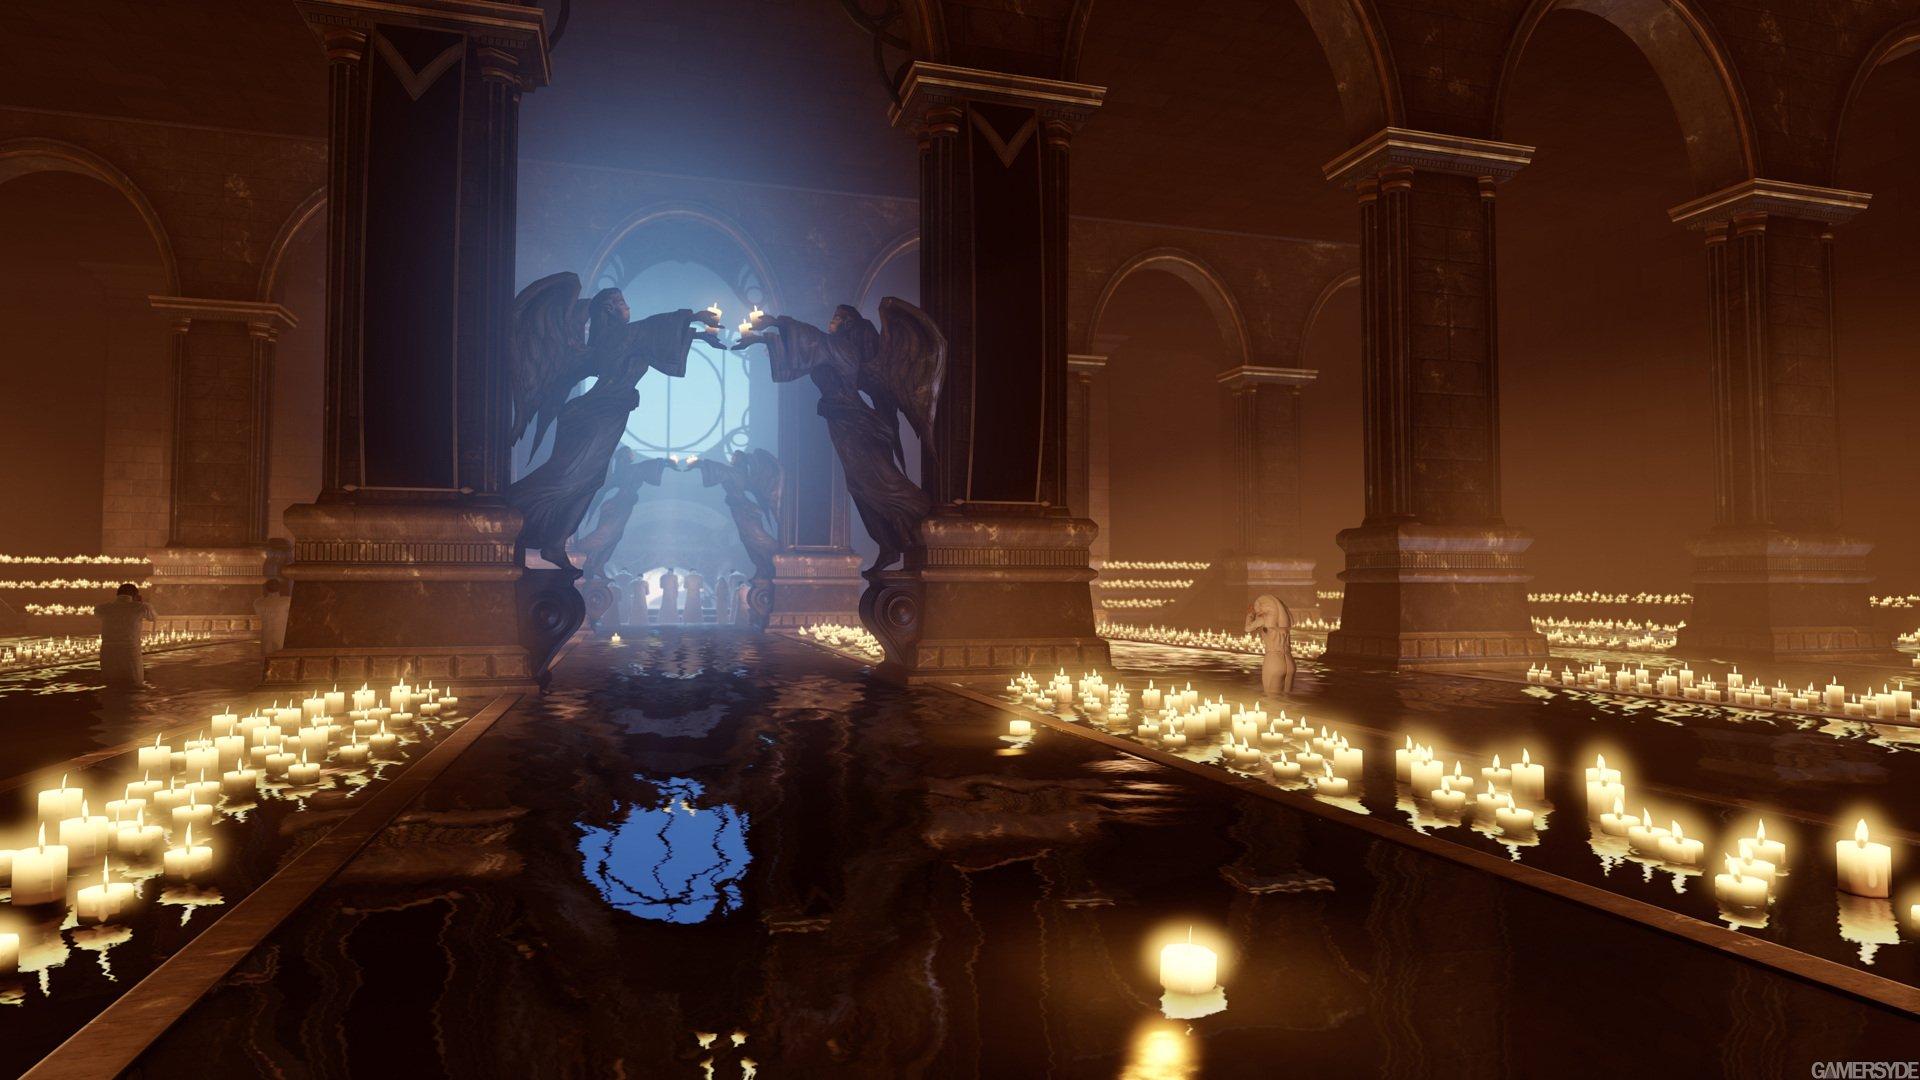 Итак, здраствуйте! Сегодня я получил новый Биошок, а именно : BioShock Infinite. Я хочу рассказать немного о нем.  П ... - Изображение 1